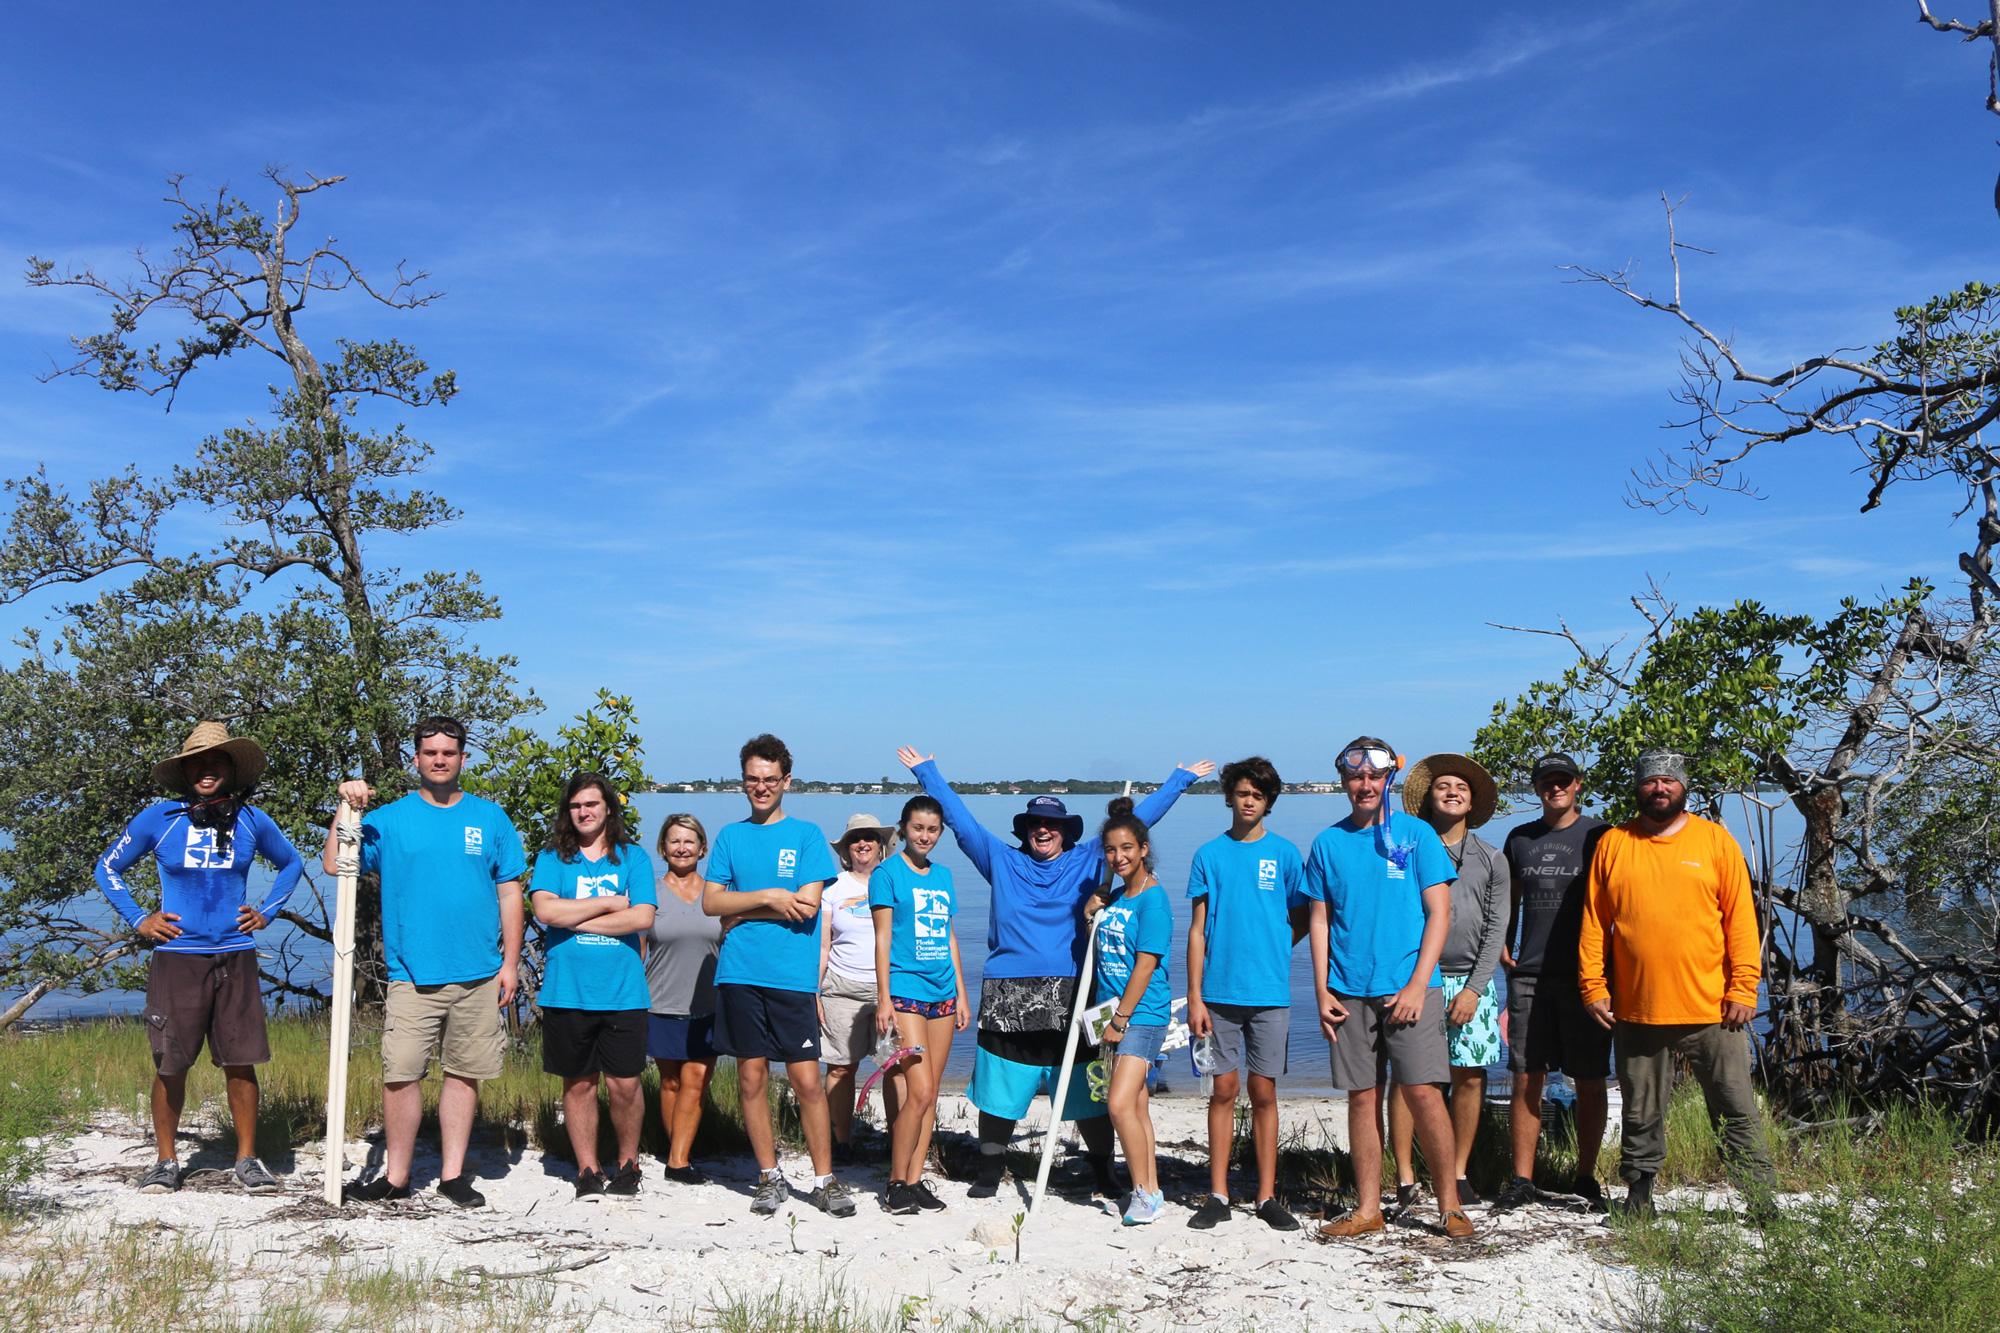 Teen volunteers standing in front of the lagoon